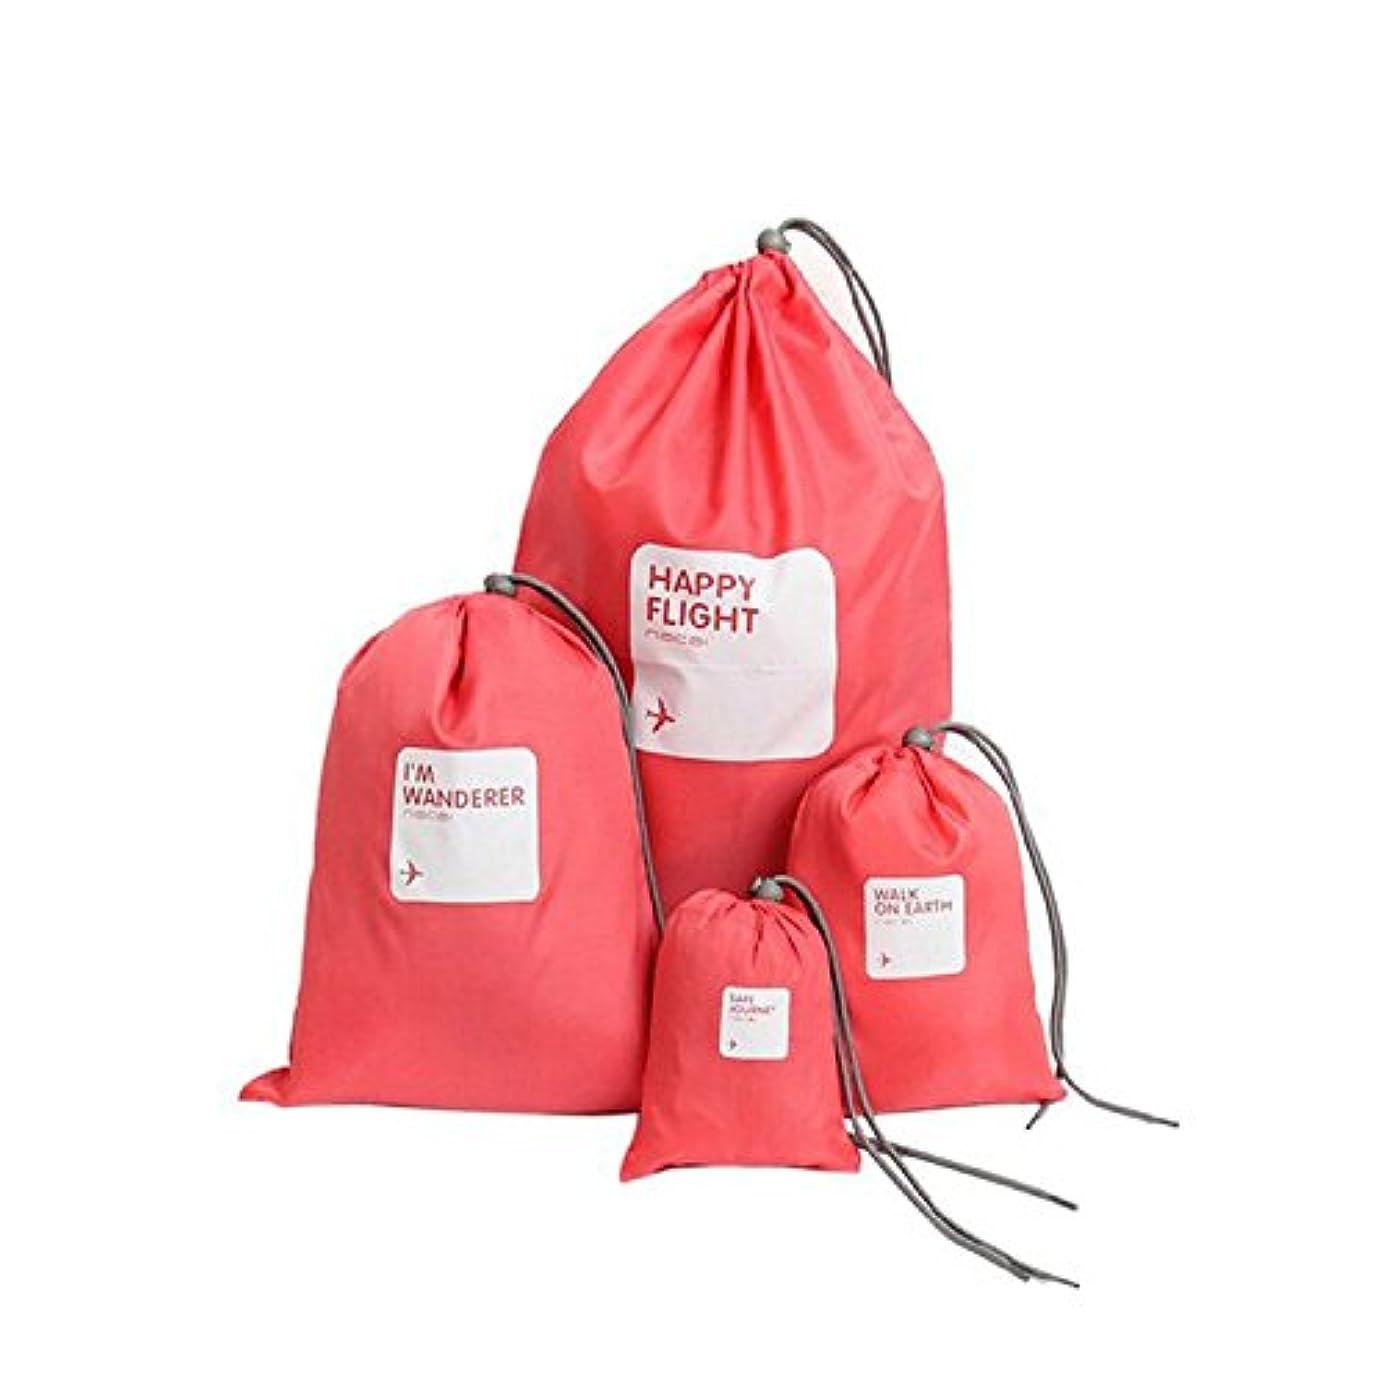 肥満スマート薬局YideaHome防水 旅行用収納バッグ 巾着袋 収納袋 収納ポーチ 4サイズセット